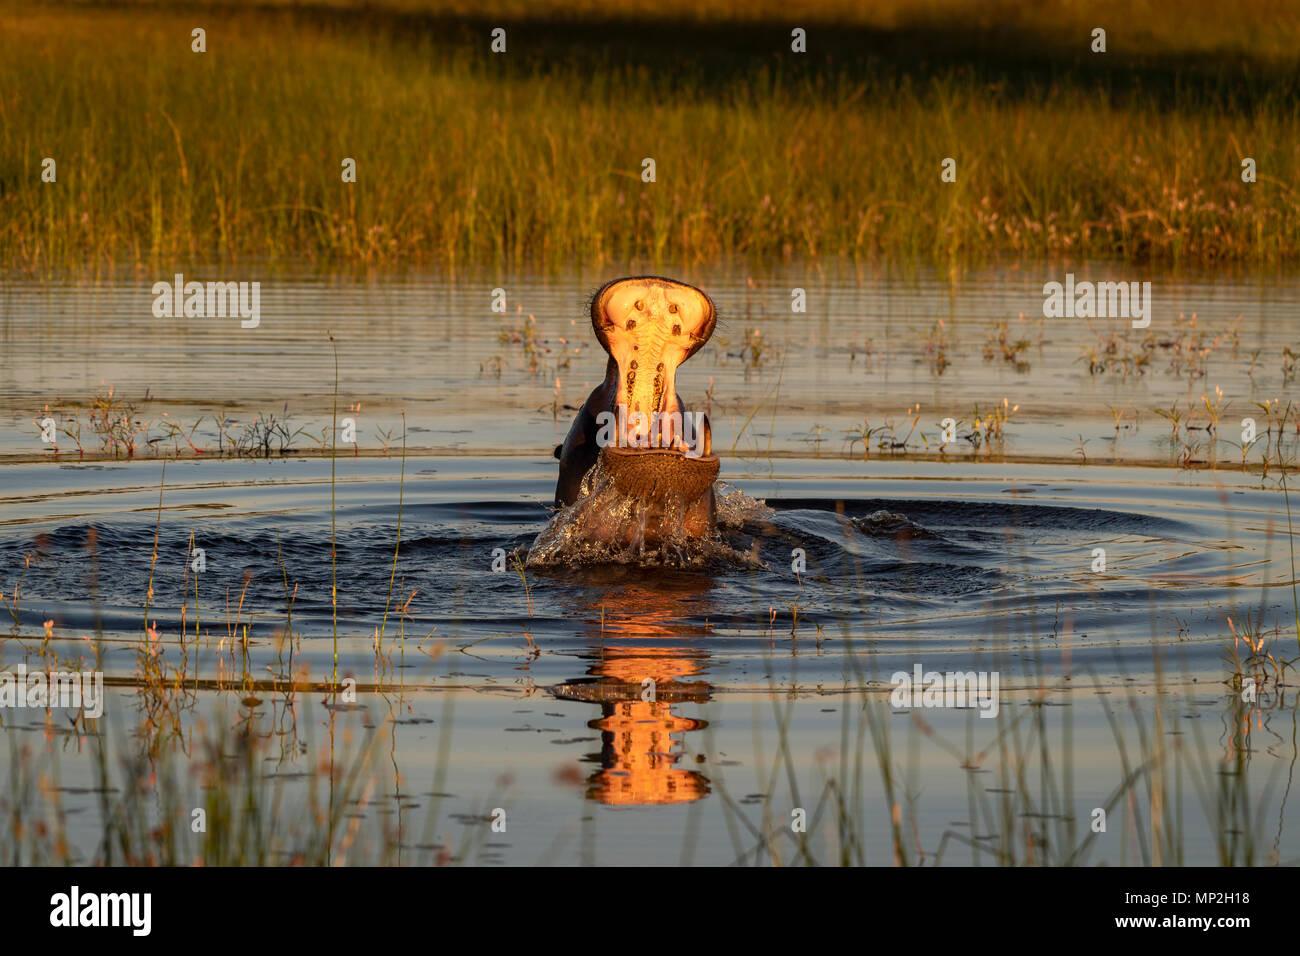 Hippopotamus verletzen oder bedrohen; Stockbild